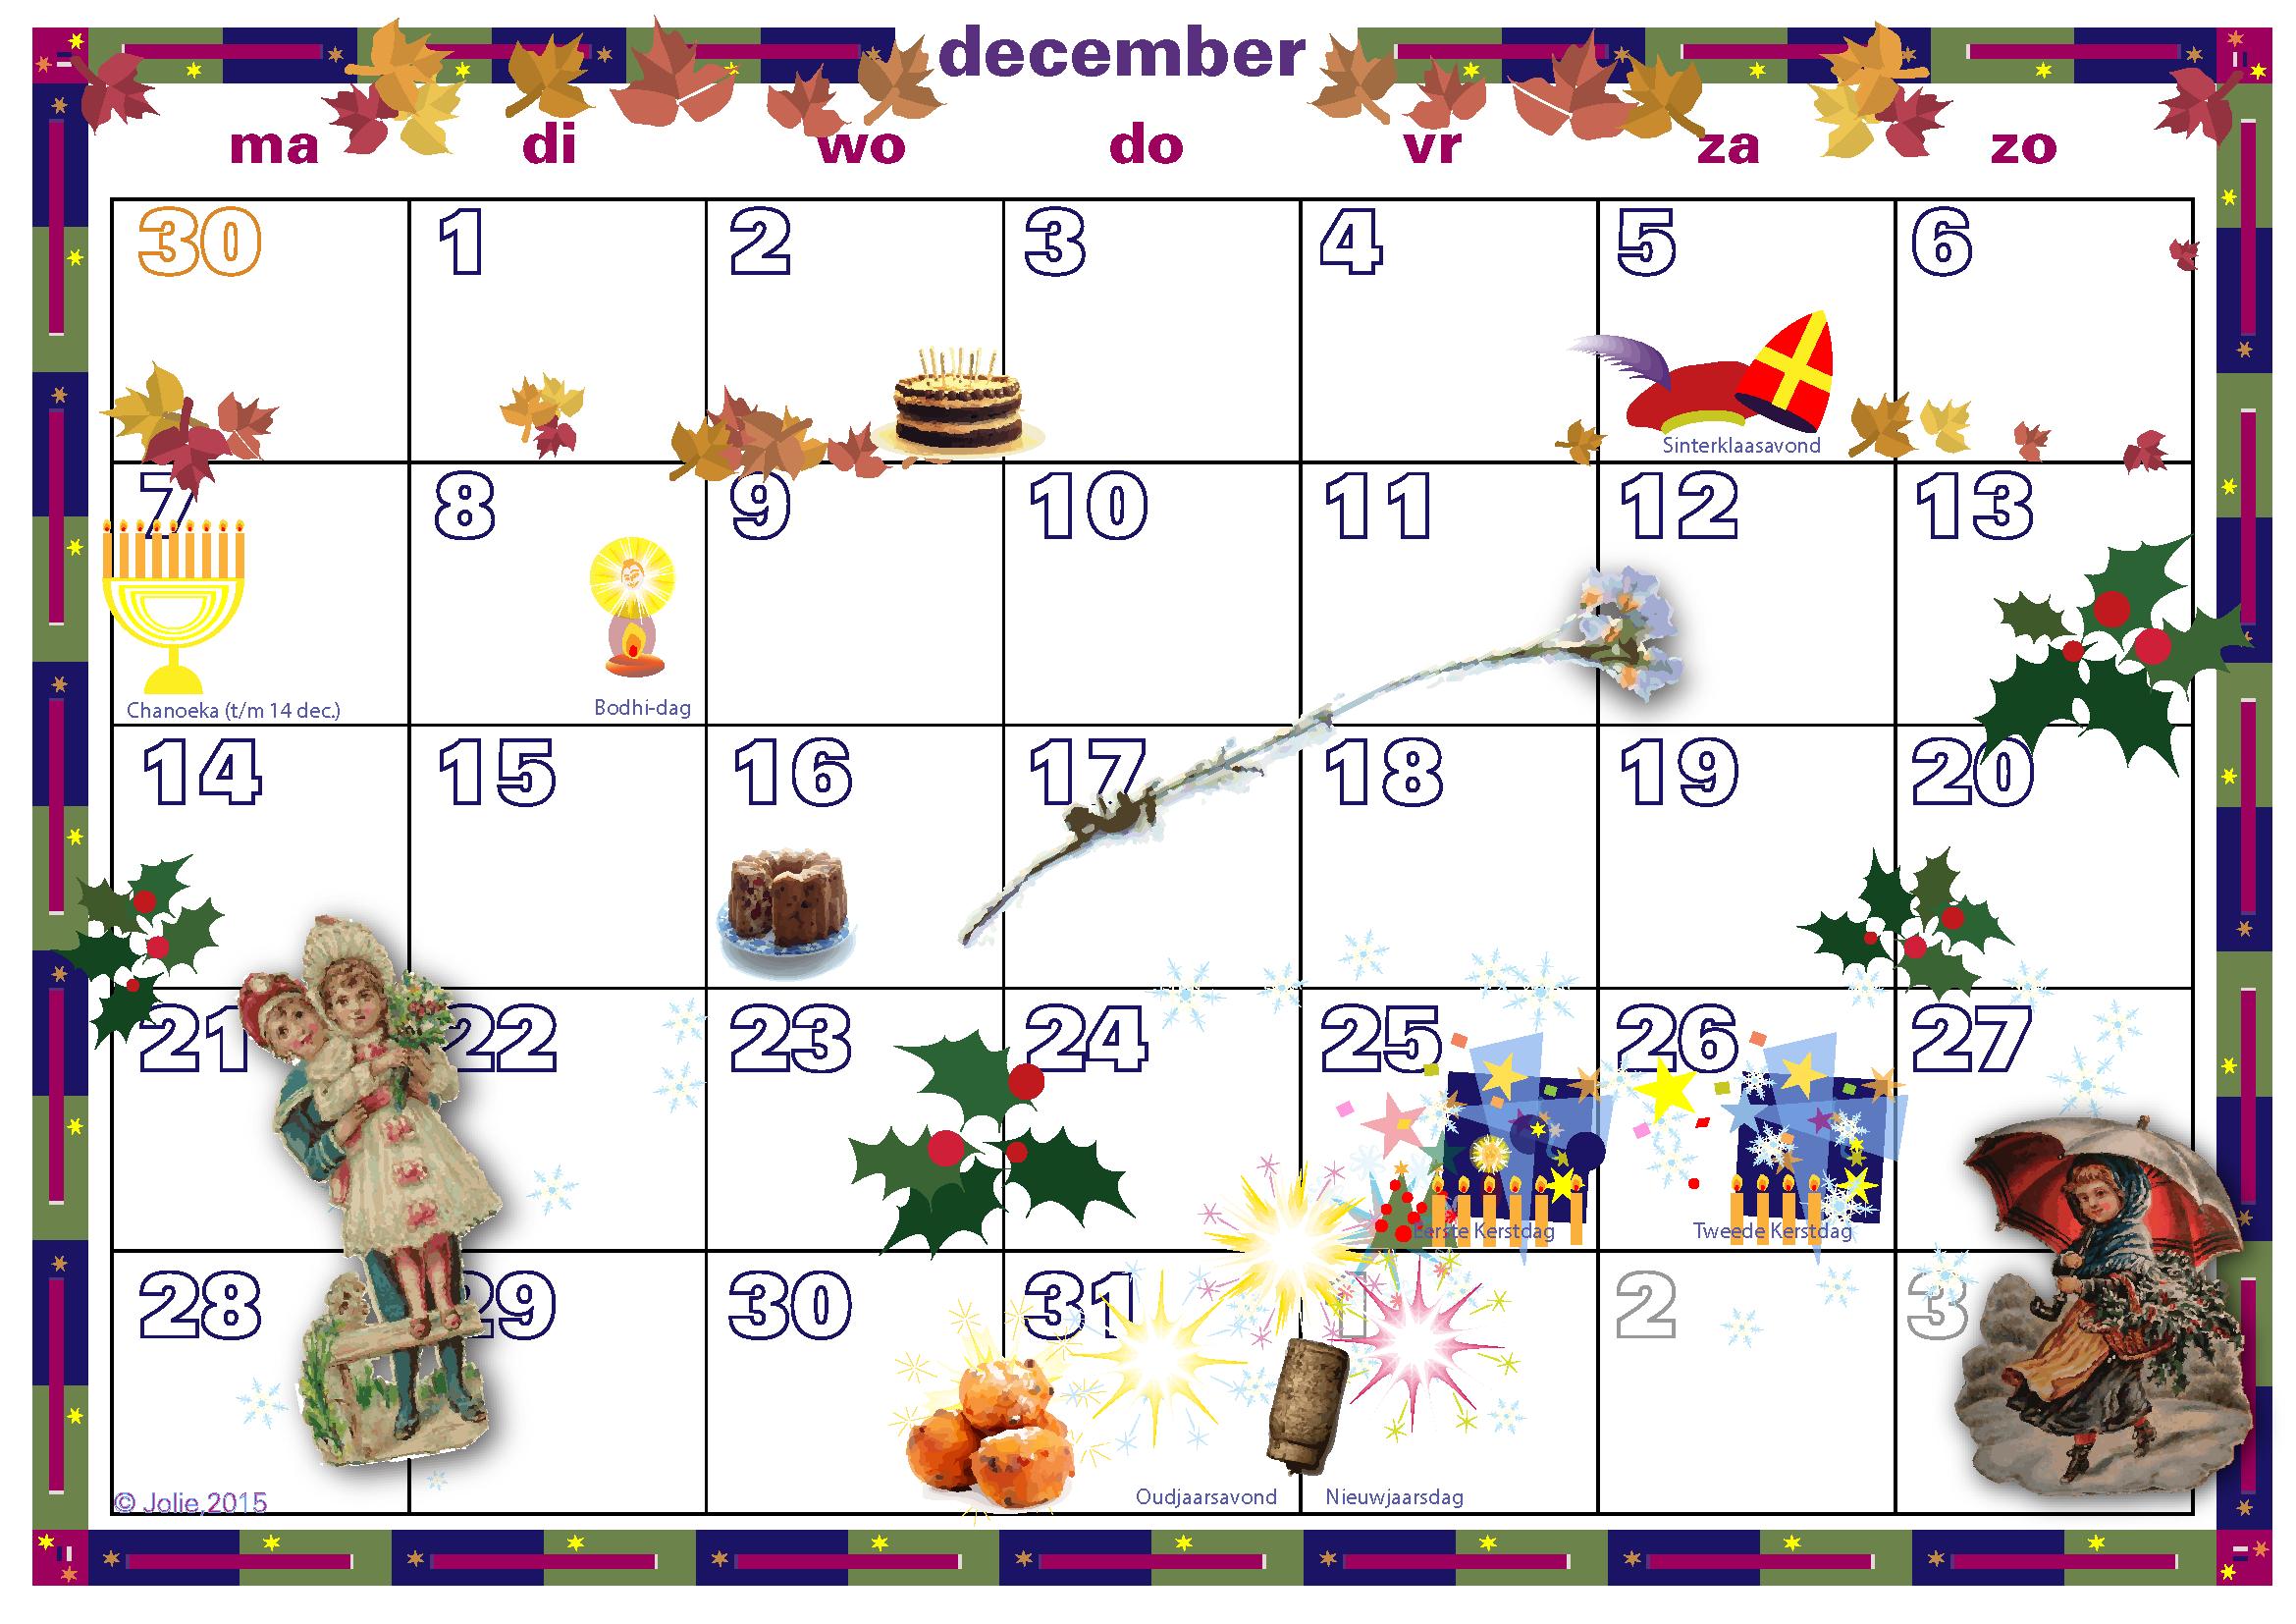 Employee Attendance Calendar 2015 Template/page/2 | Calendar Design